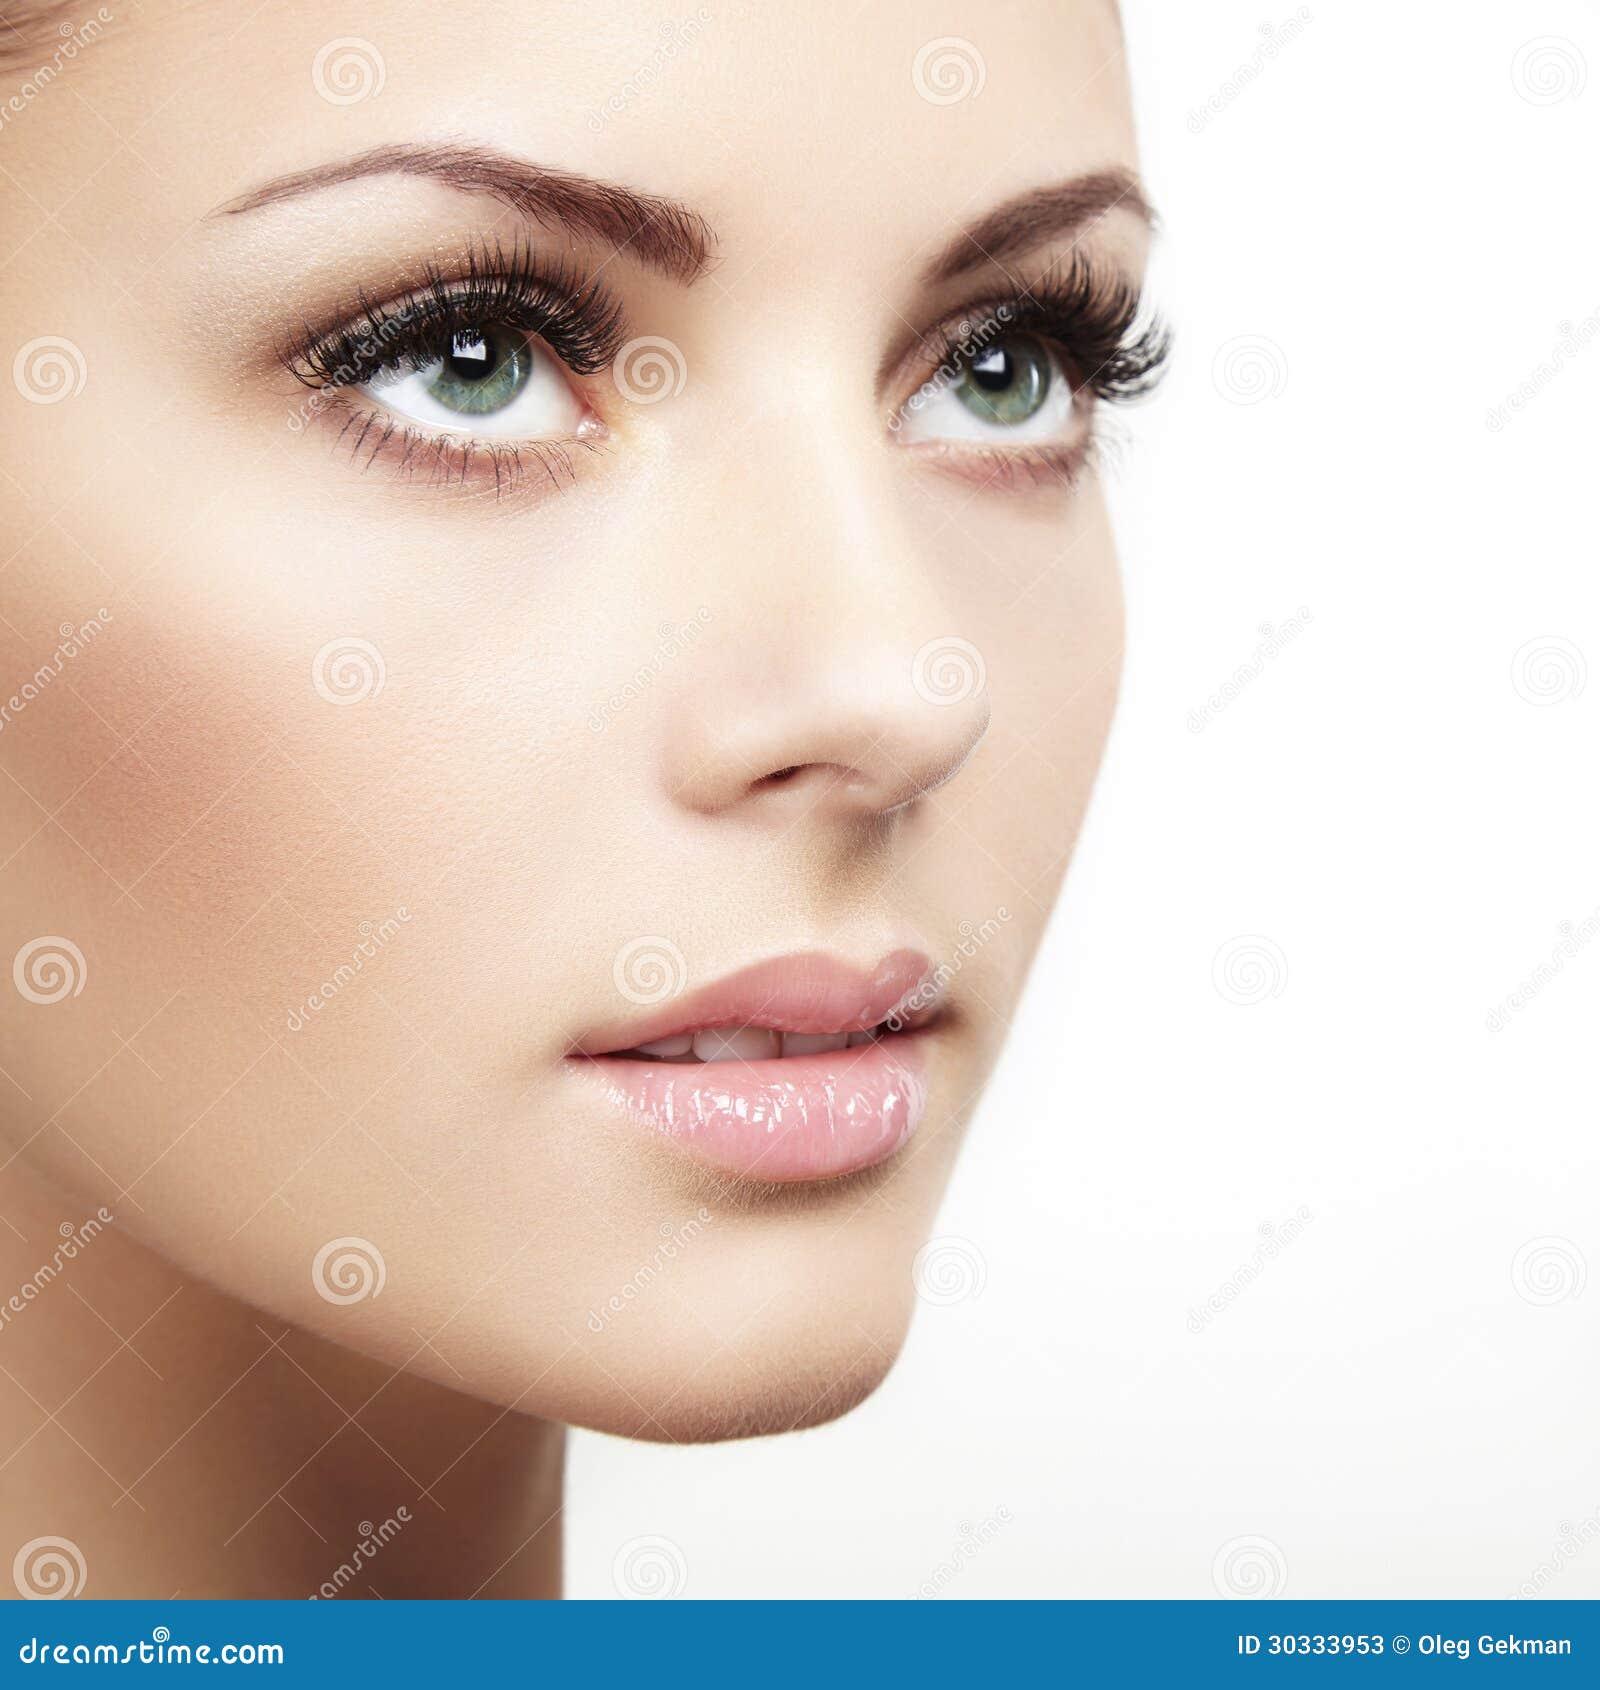 Beau visage de femme maquillage parfait photos stock image 30333953 - Maquillage araignee visage ...